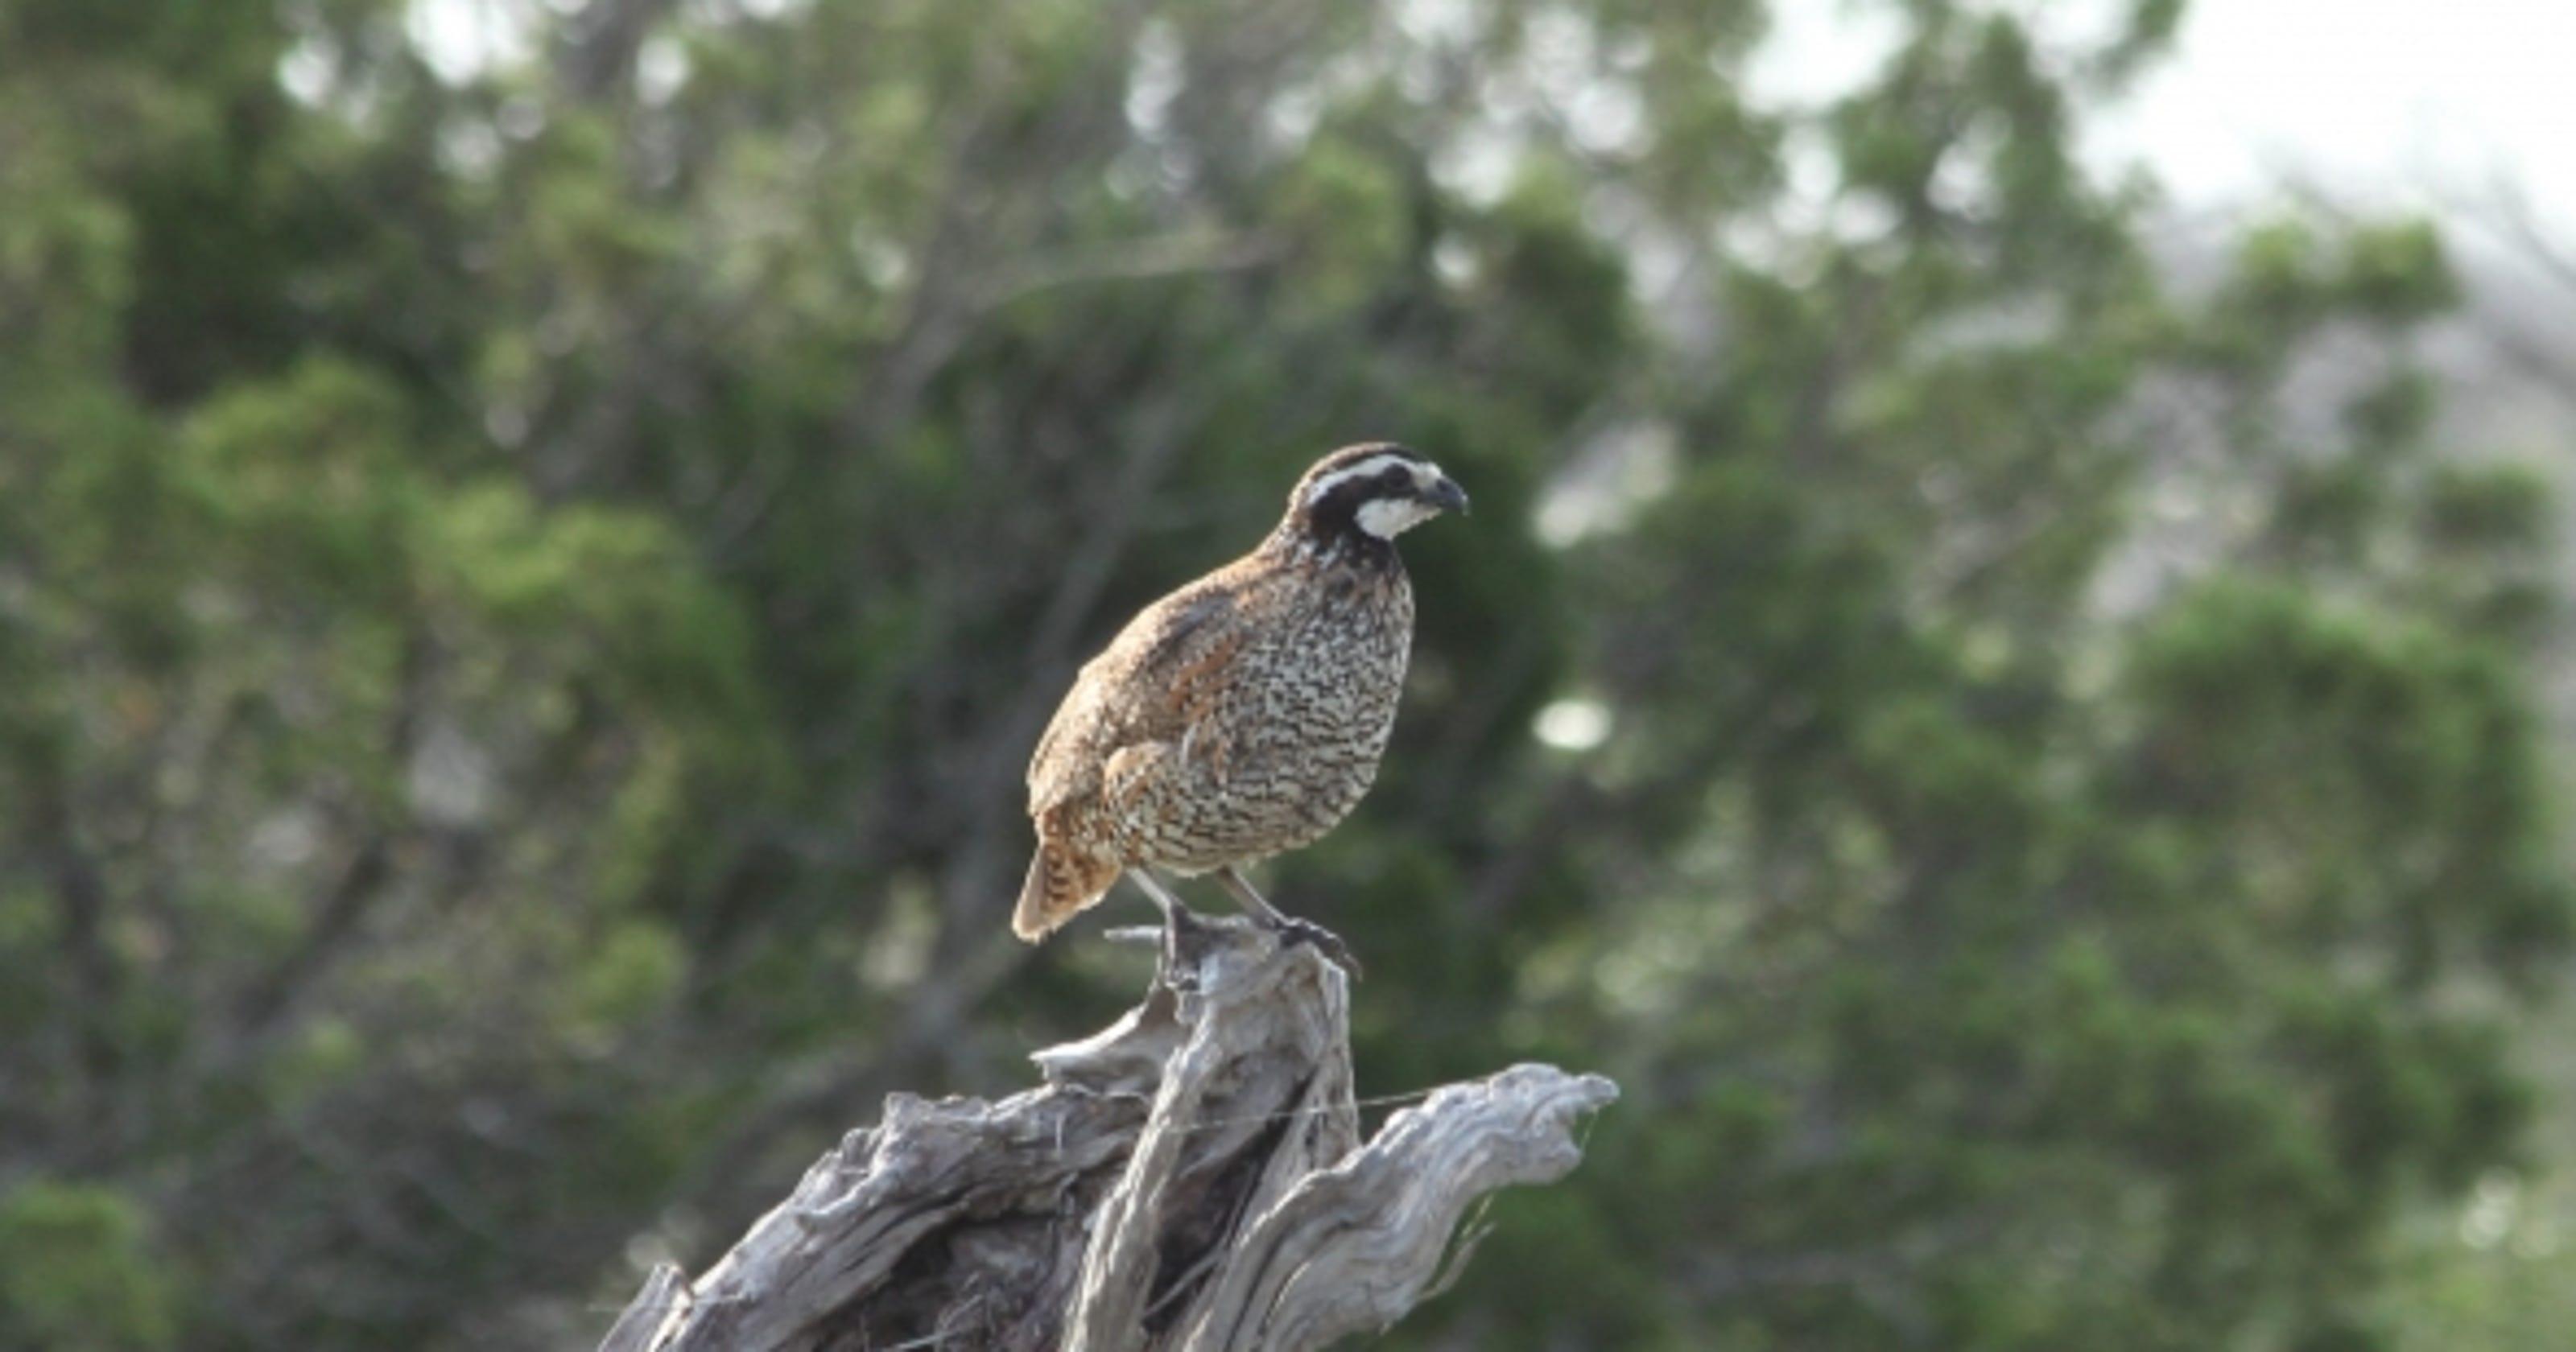 WILD ABOUT TEXAS: Bobwhite quail display explosive speed